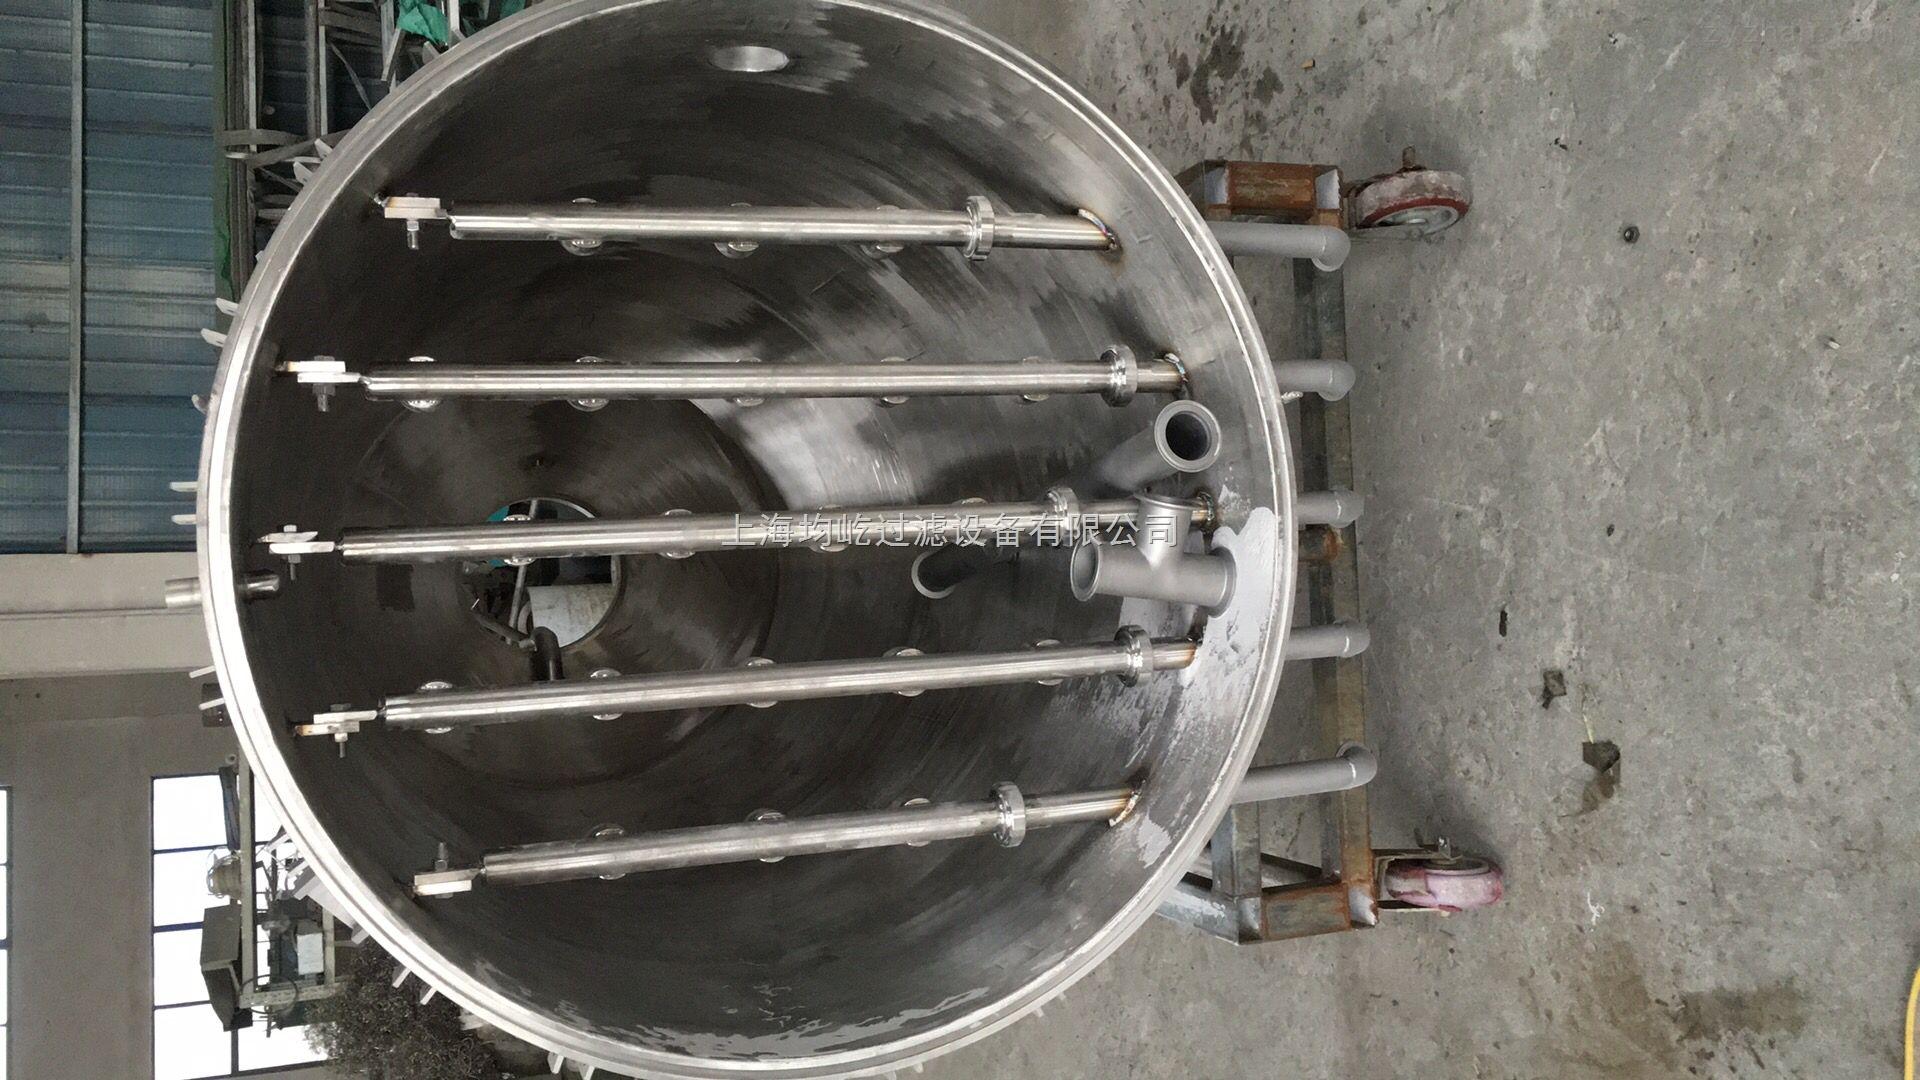 上海烛式过滤器,烛式过滤机,滤饼层过滤机厂家